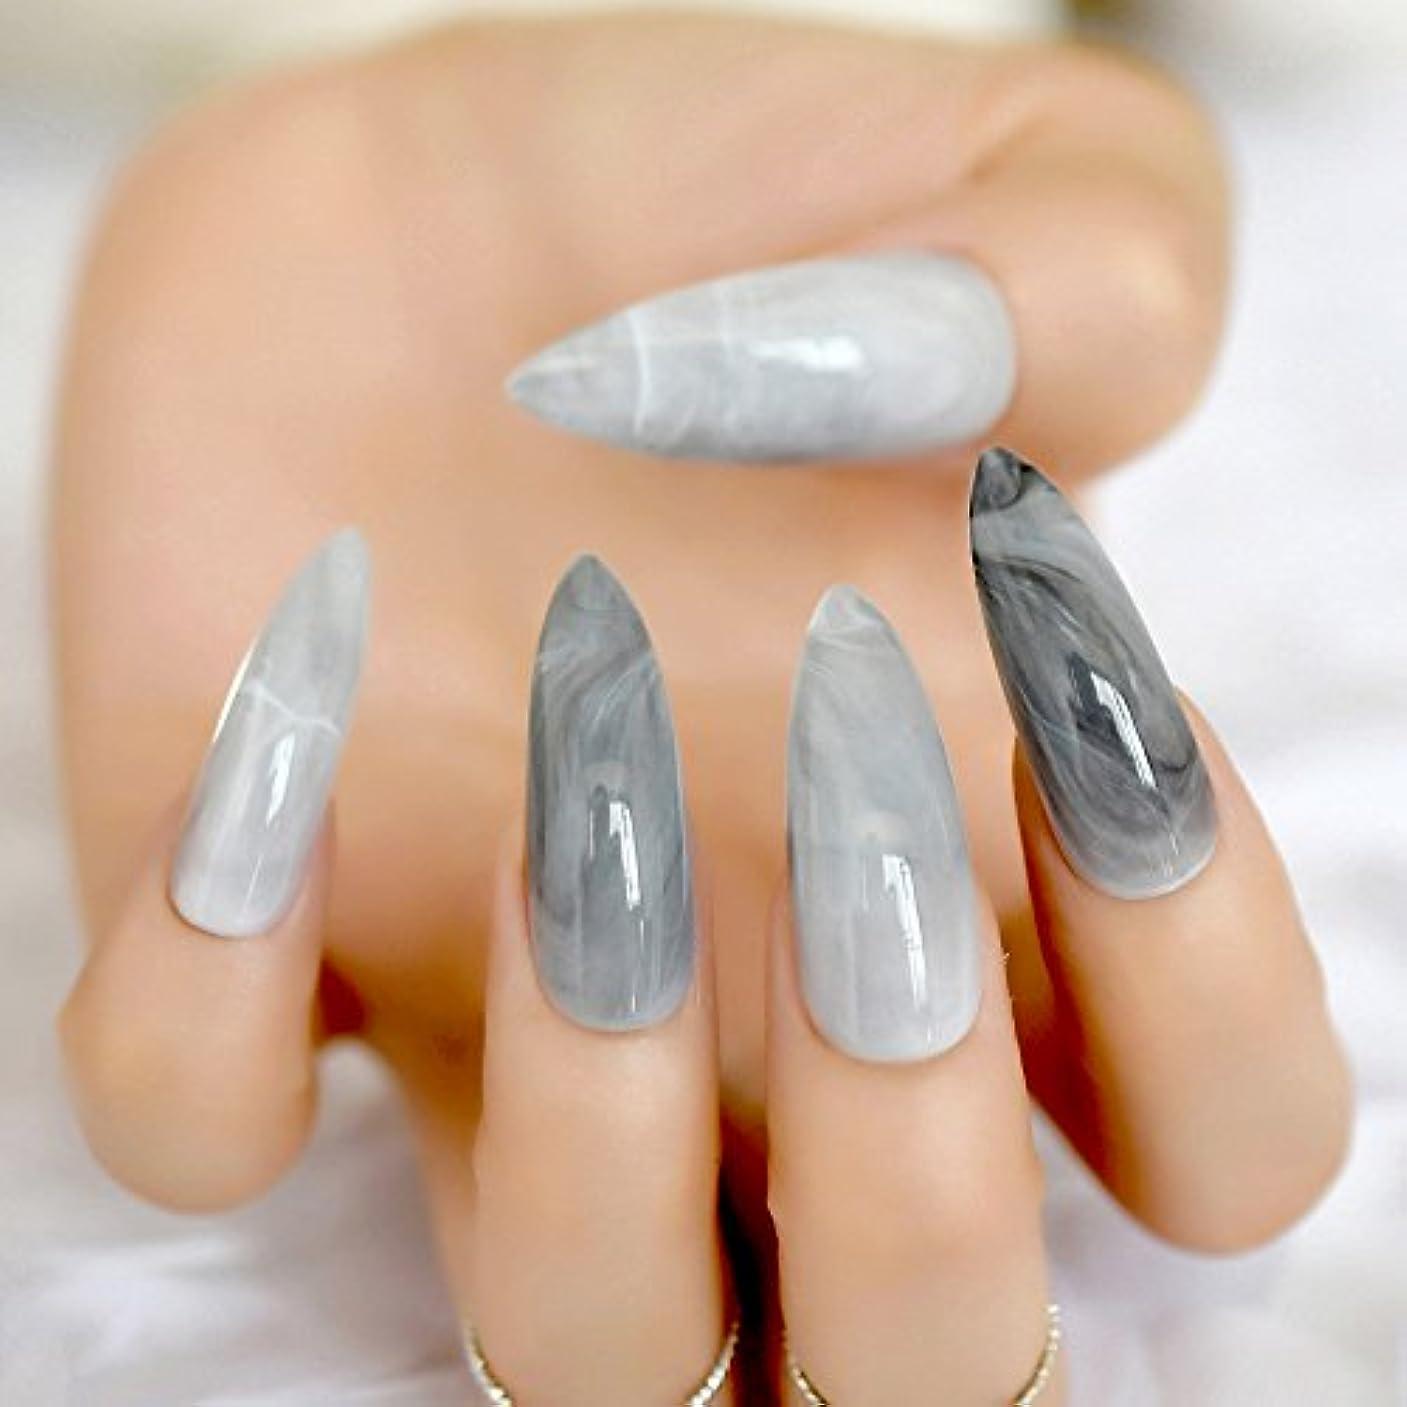 チェリープライムピービッシュXUTXZKA スティレットグレーの大理石の偽の爪の石のパターンは指24のための偽の爪に暗い光沢のある長押しを指摘